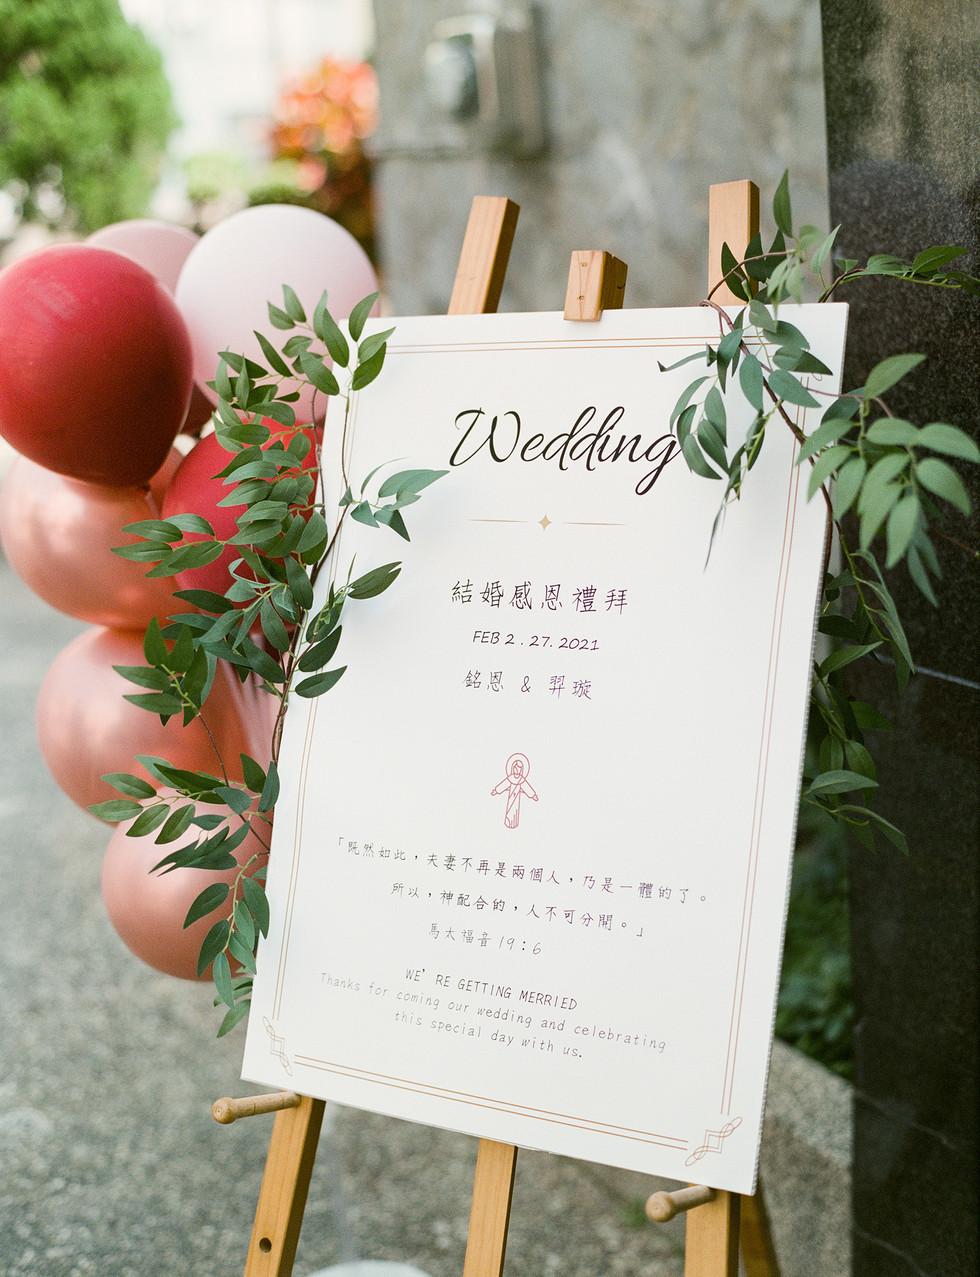 銘恩 羿璇 婚禮底片-8 小圖.jpg